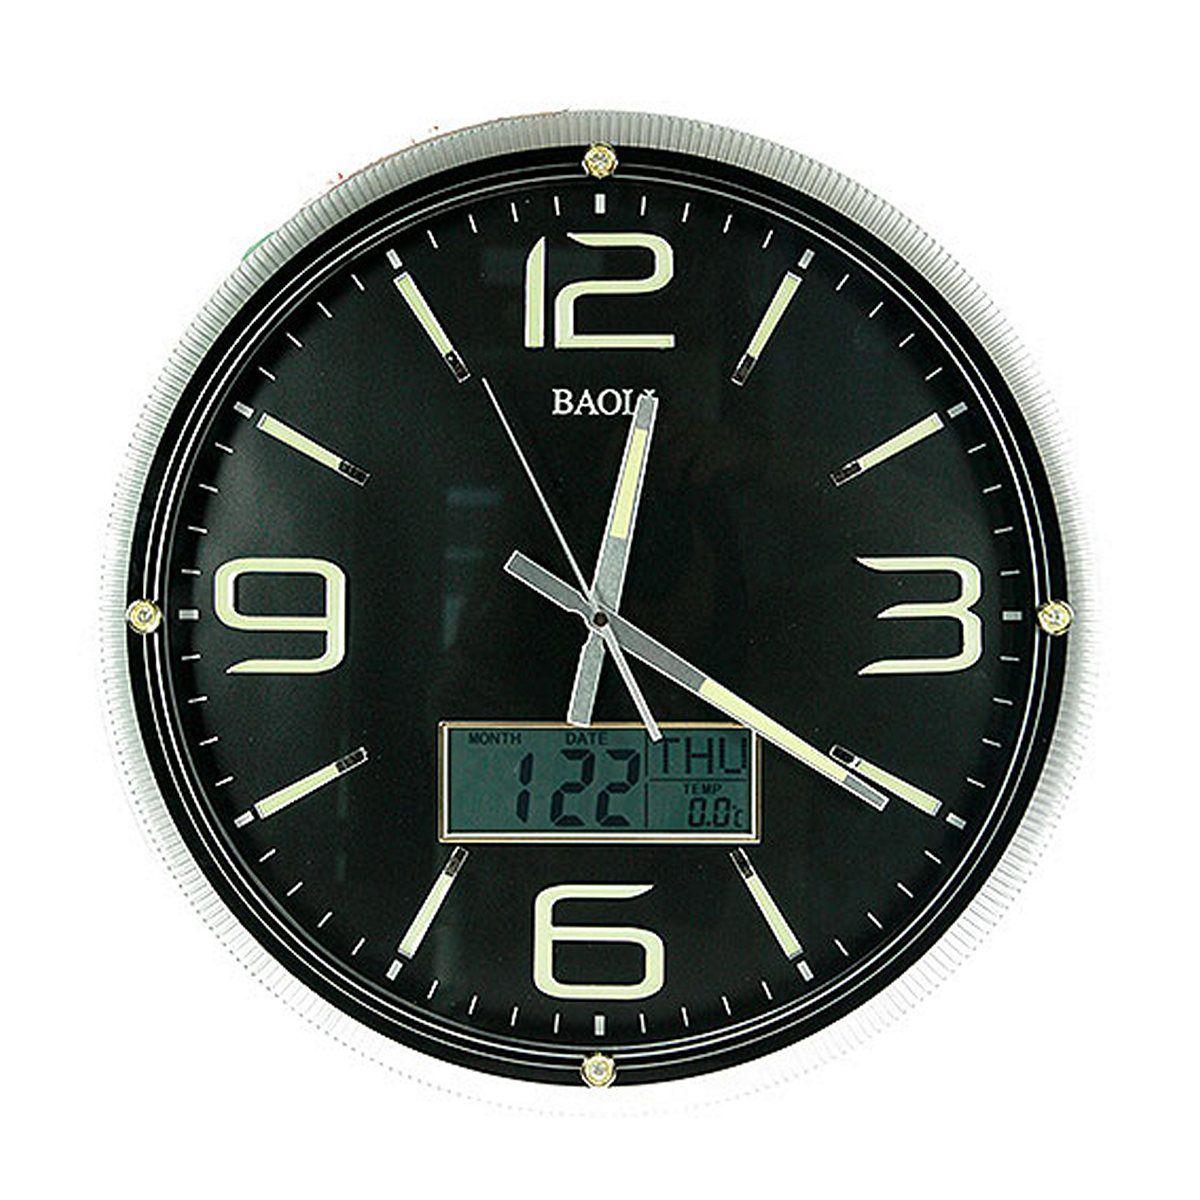 Часы настенные Русские Подарки, с календарем, термометром, электронными часами, диаметр 42 см. 14812054 009312Настенные кварцевые часы Русские Подарки изготовлены из пластика. Циферблат защищен стеклом. Часы имеют три стрелки - часовую, минутную и секундную. Благодаря специальному встроенному механизму, вы можете пользоваться функцией календаря, термометра и электронных часов. С обратной стороны имеетсяпетелька для подвешивания на стену. Изящные часы красиво и оригинально оформят интерьер дома или офиса. Также часы могут стать уникальным, полезным подарком для родственников, коллег, знакомых и близких.Часы работают от батареек типа АА (в комплект не входят).